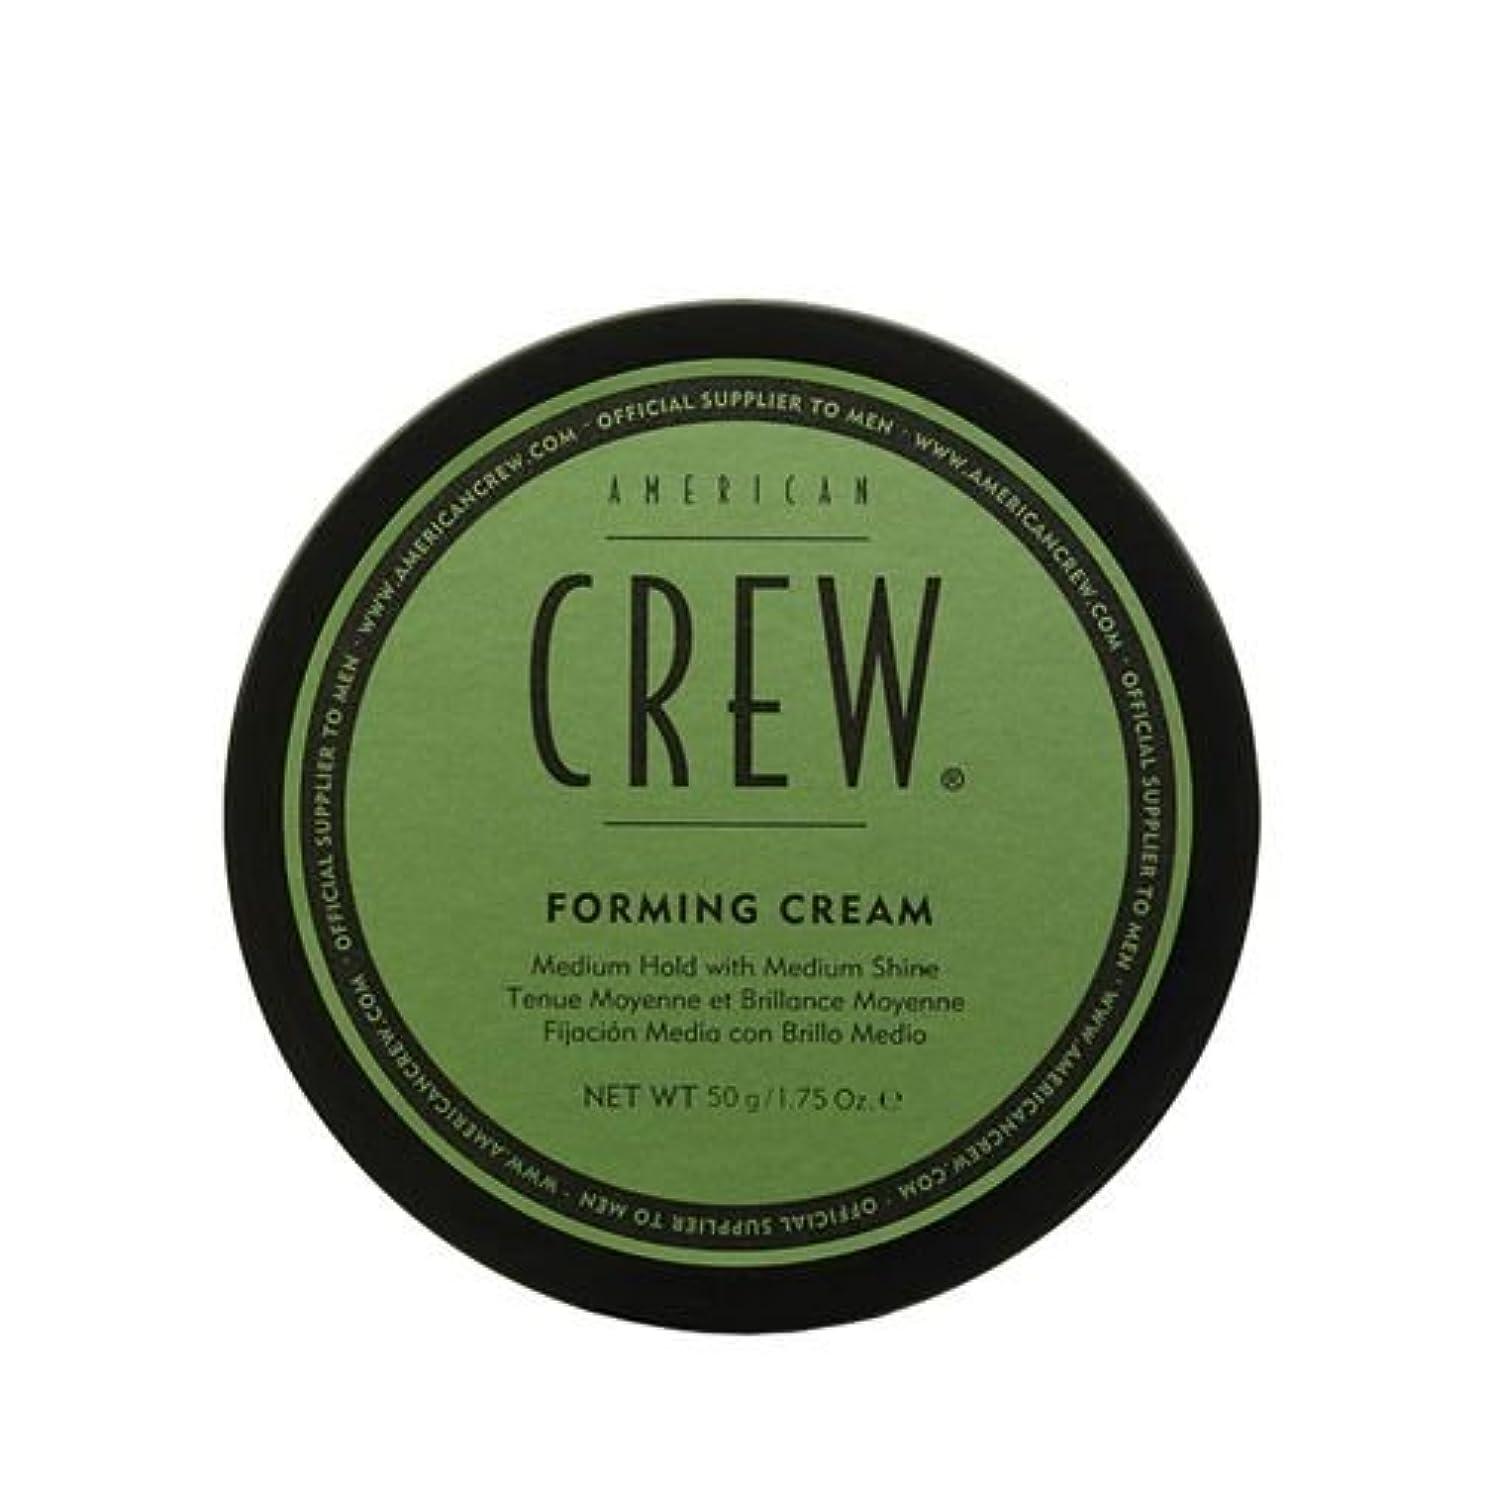 ただ剣シャークアメリカン クルー フォーミングヘアクリーム American Crew Forming Cream 50g [並行輸入品]